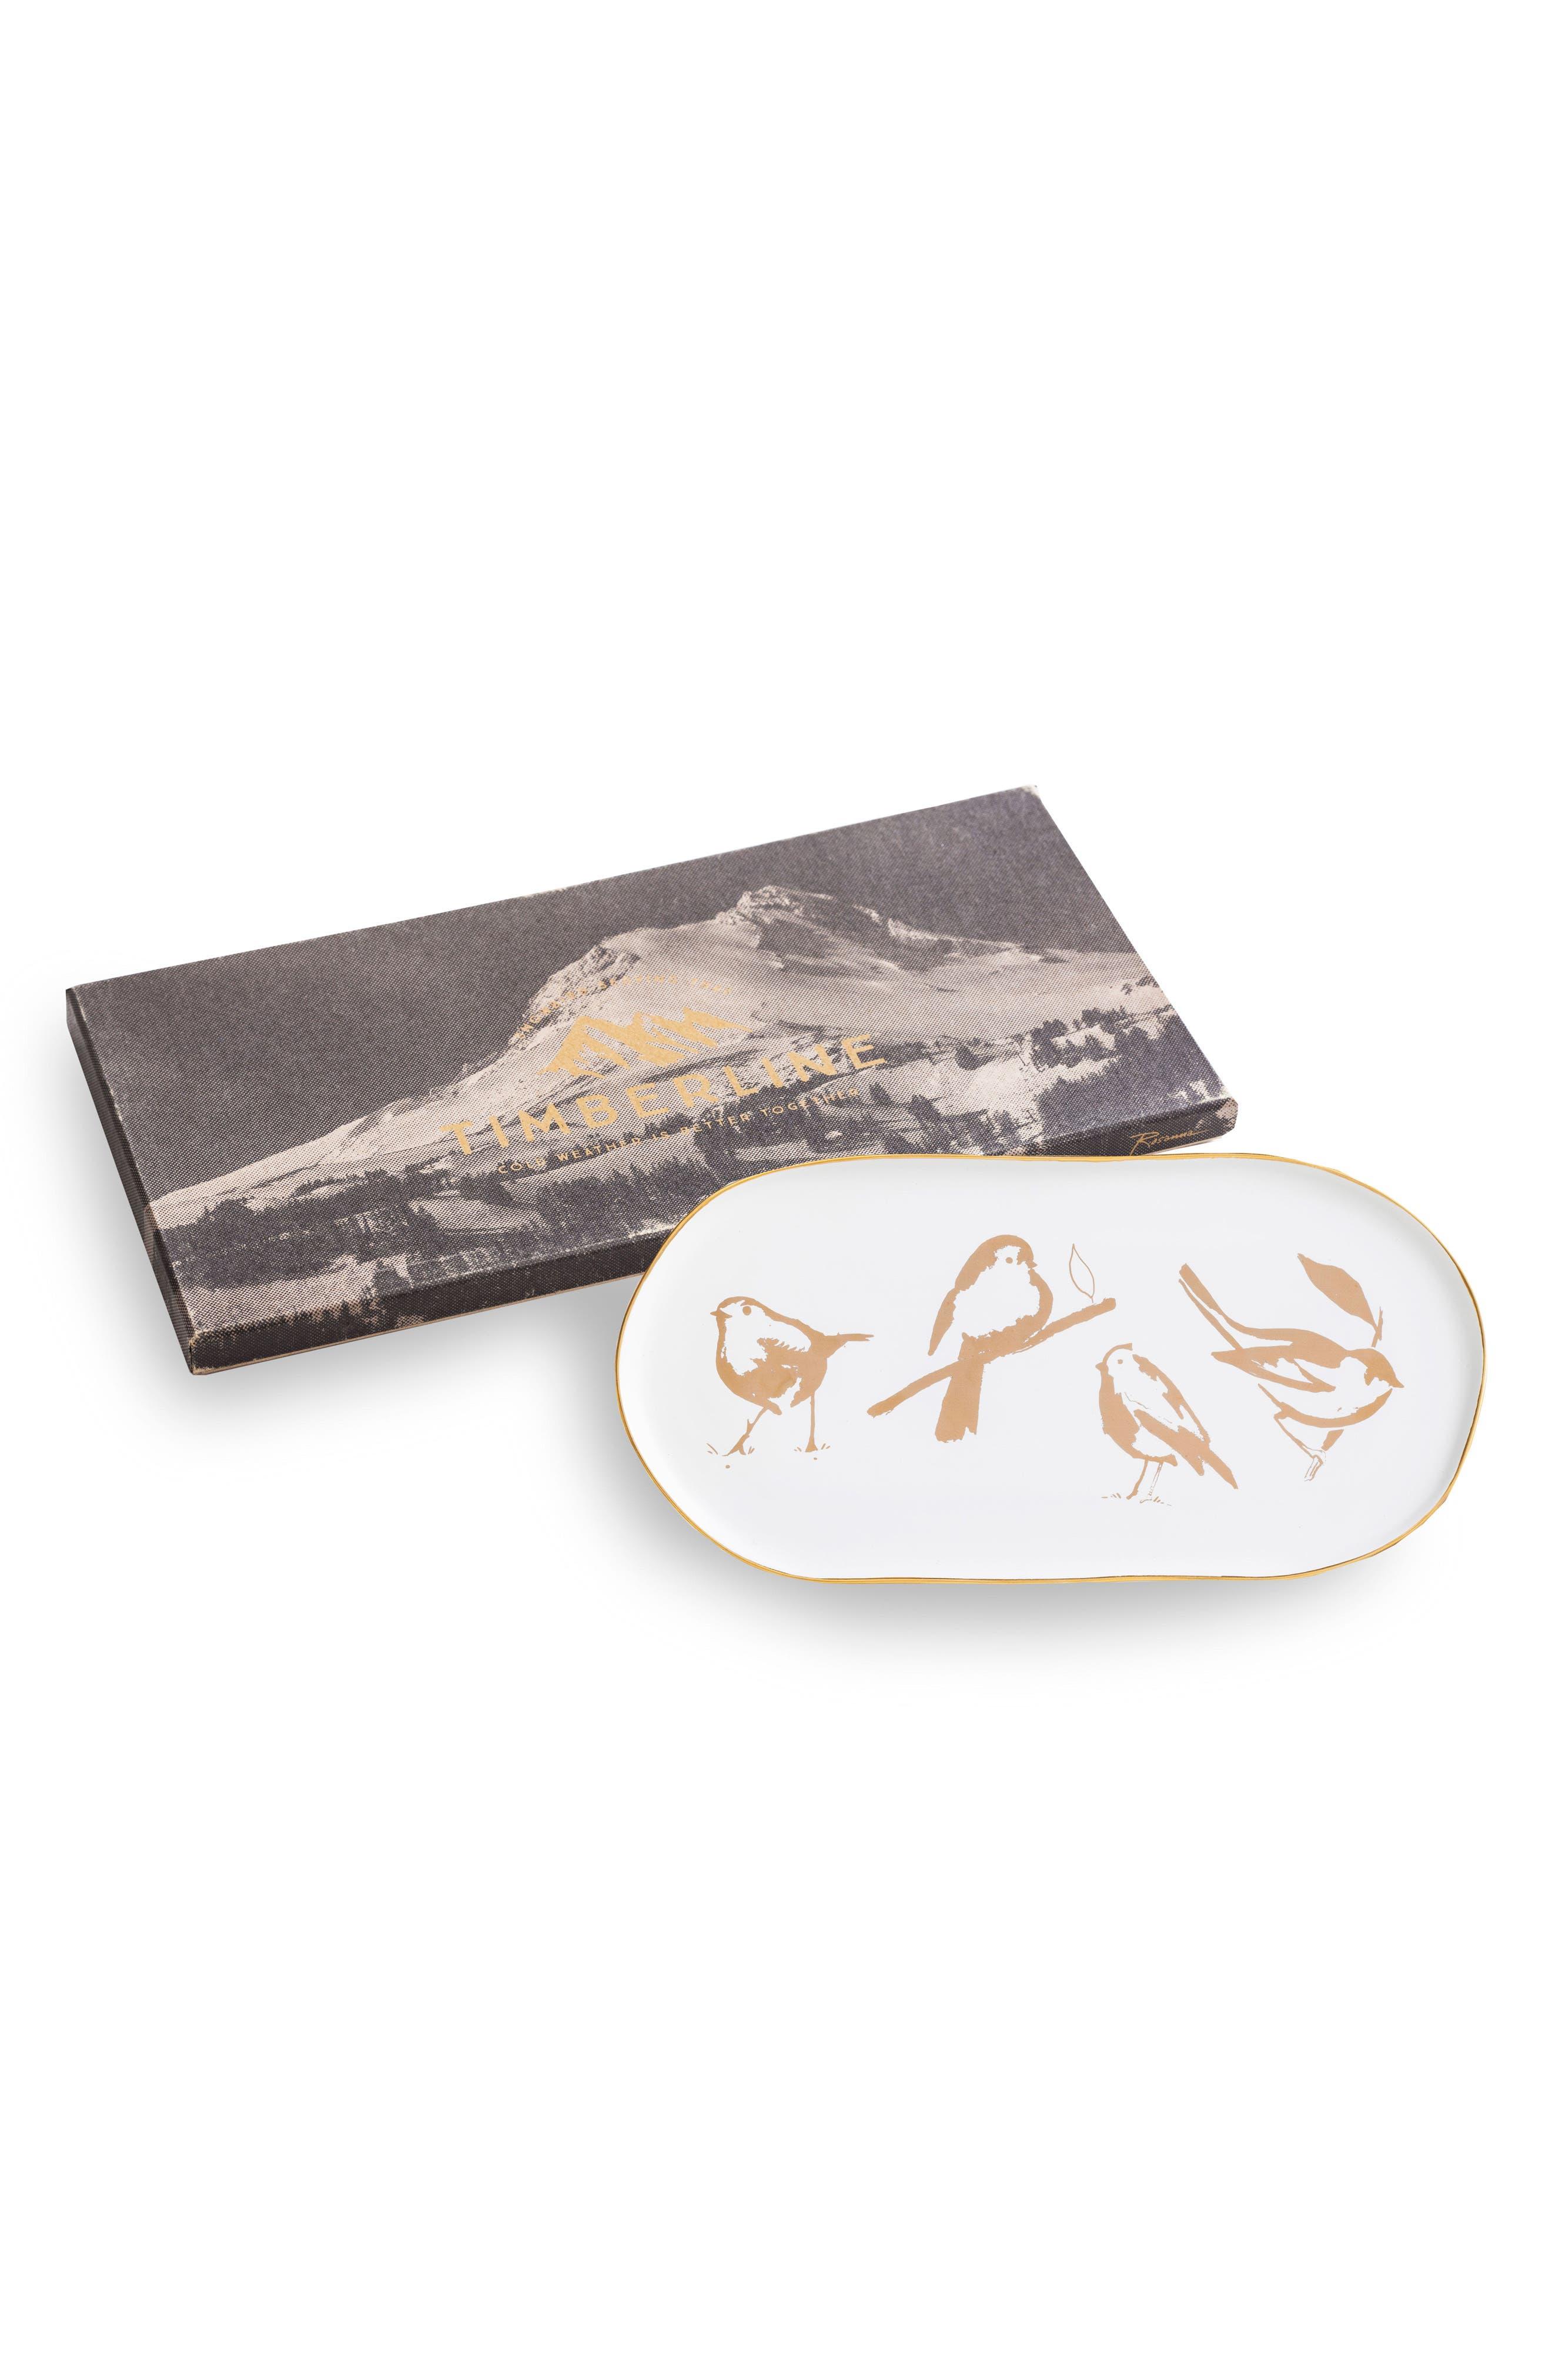 12-Inch Bird Platter,                         Main,                         color,